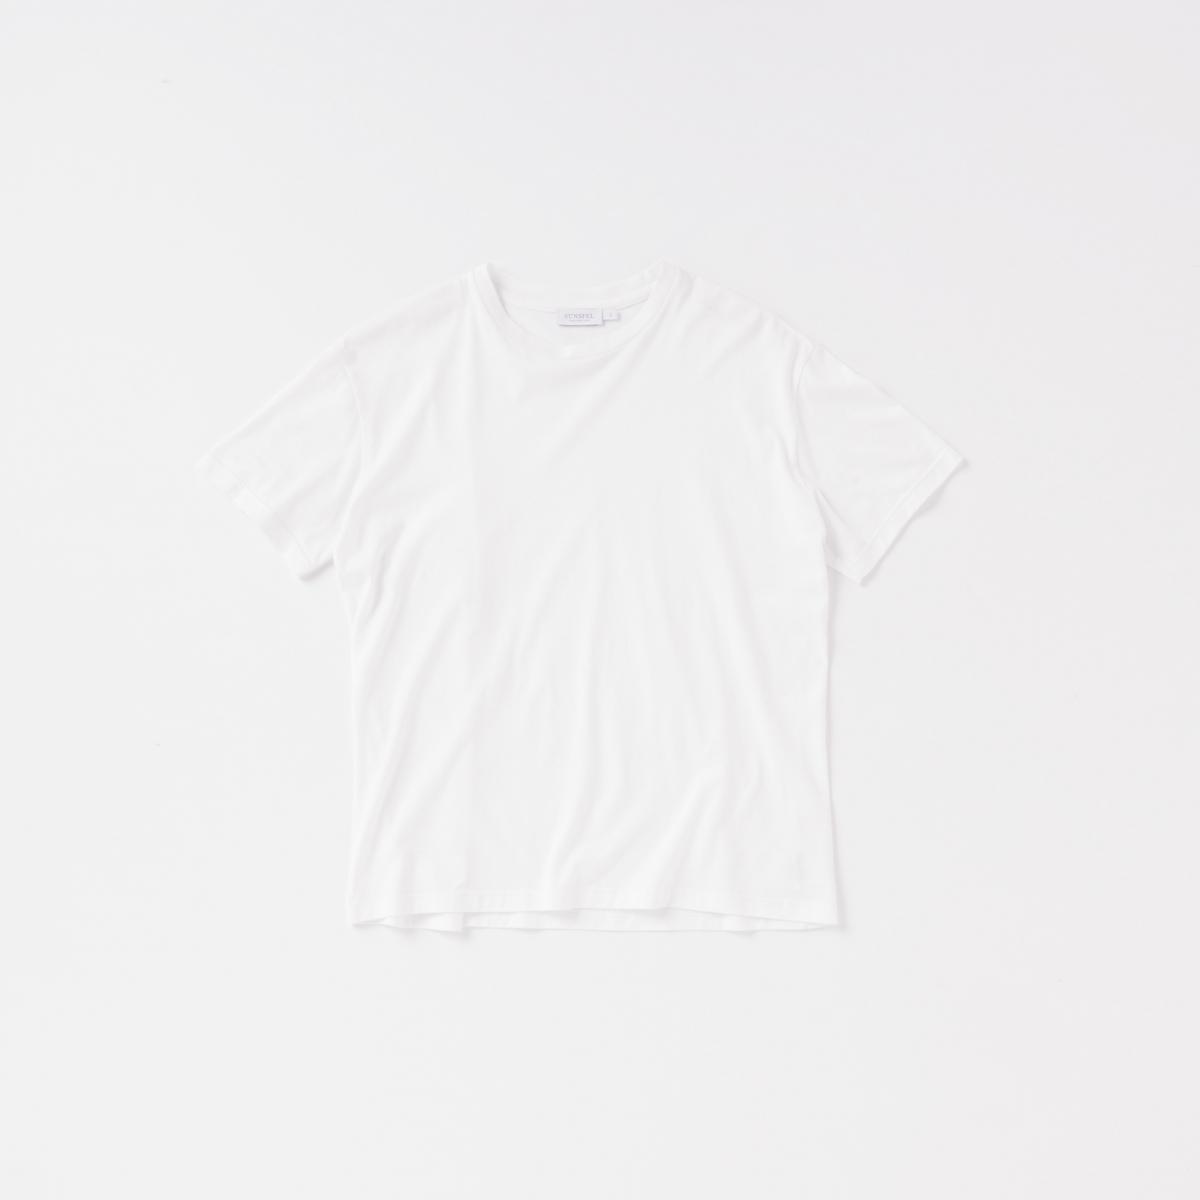 白Tシャツこそ上質な一枚を【サンスペル】